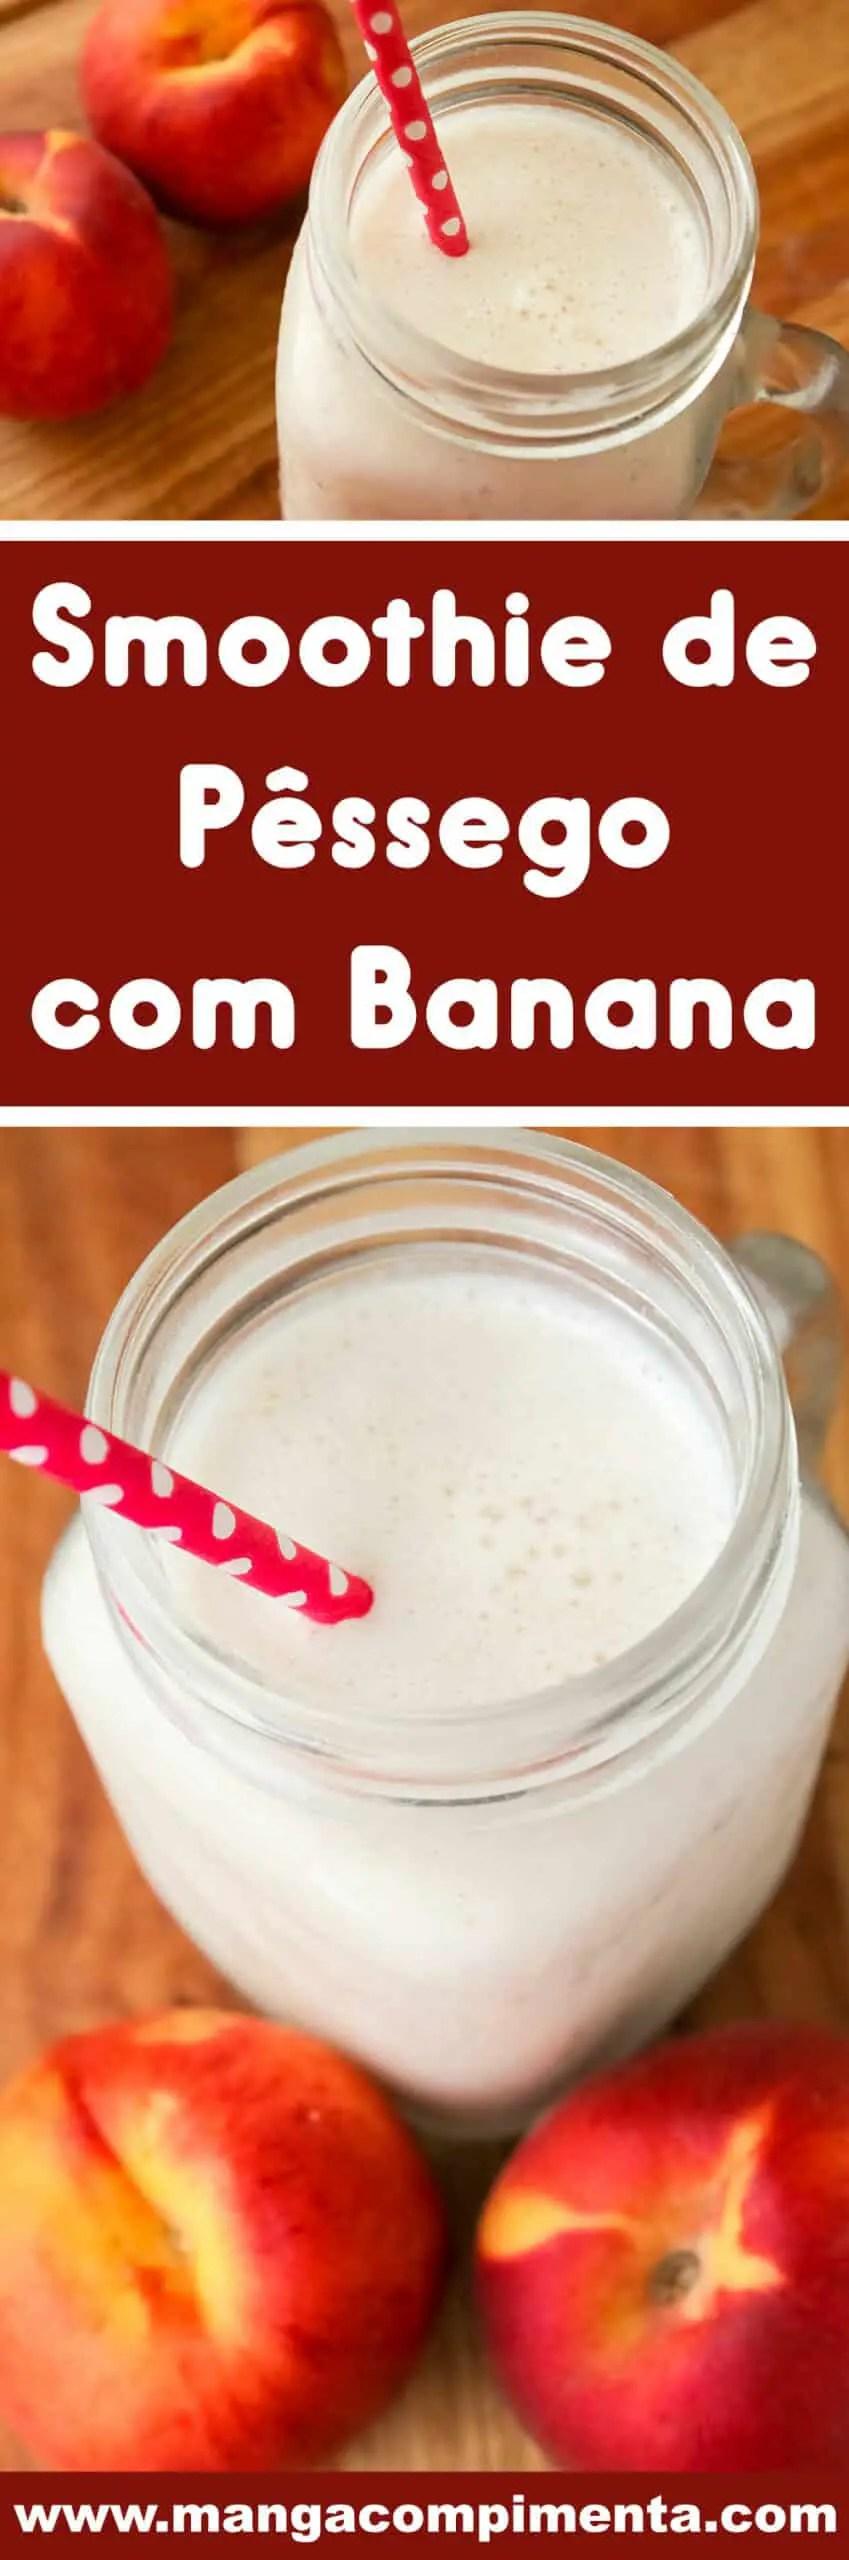 Receita de Smoothie de Pêssego com Banana - para refrescar em dias quentes de verão!